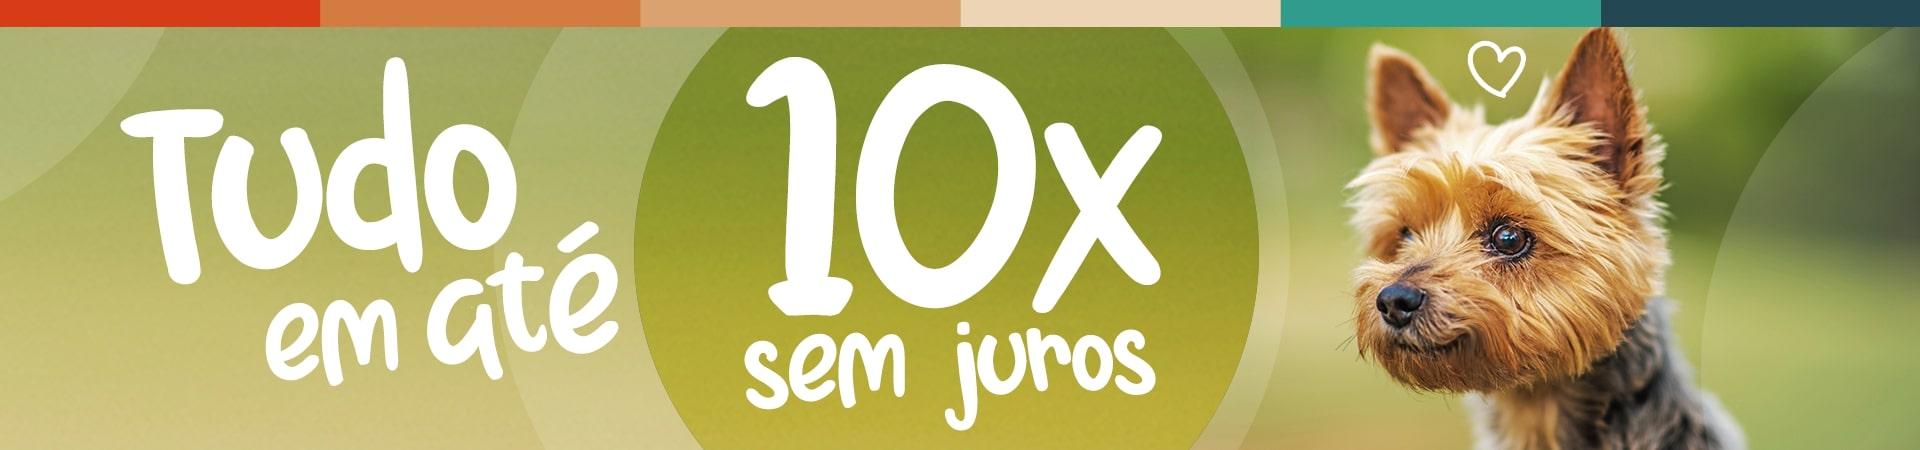 TUDO EM ATÉ 10X SEM JUROS